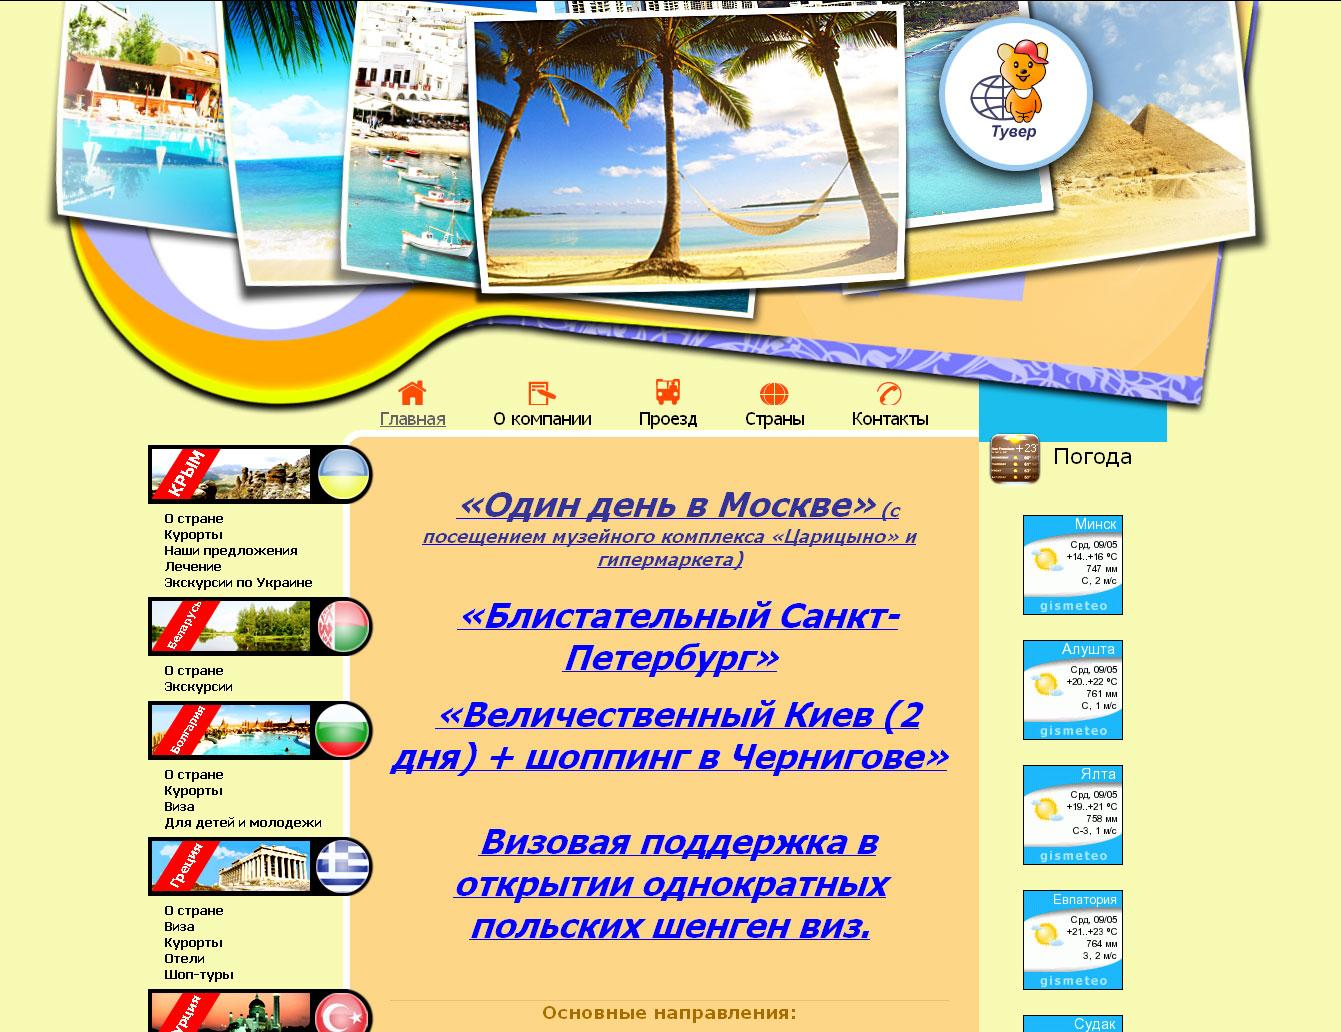 Сайт тур-агентства